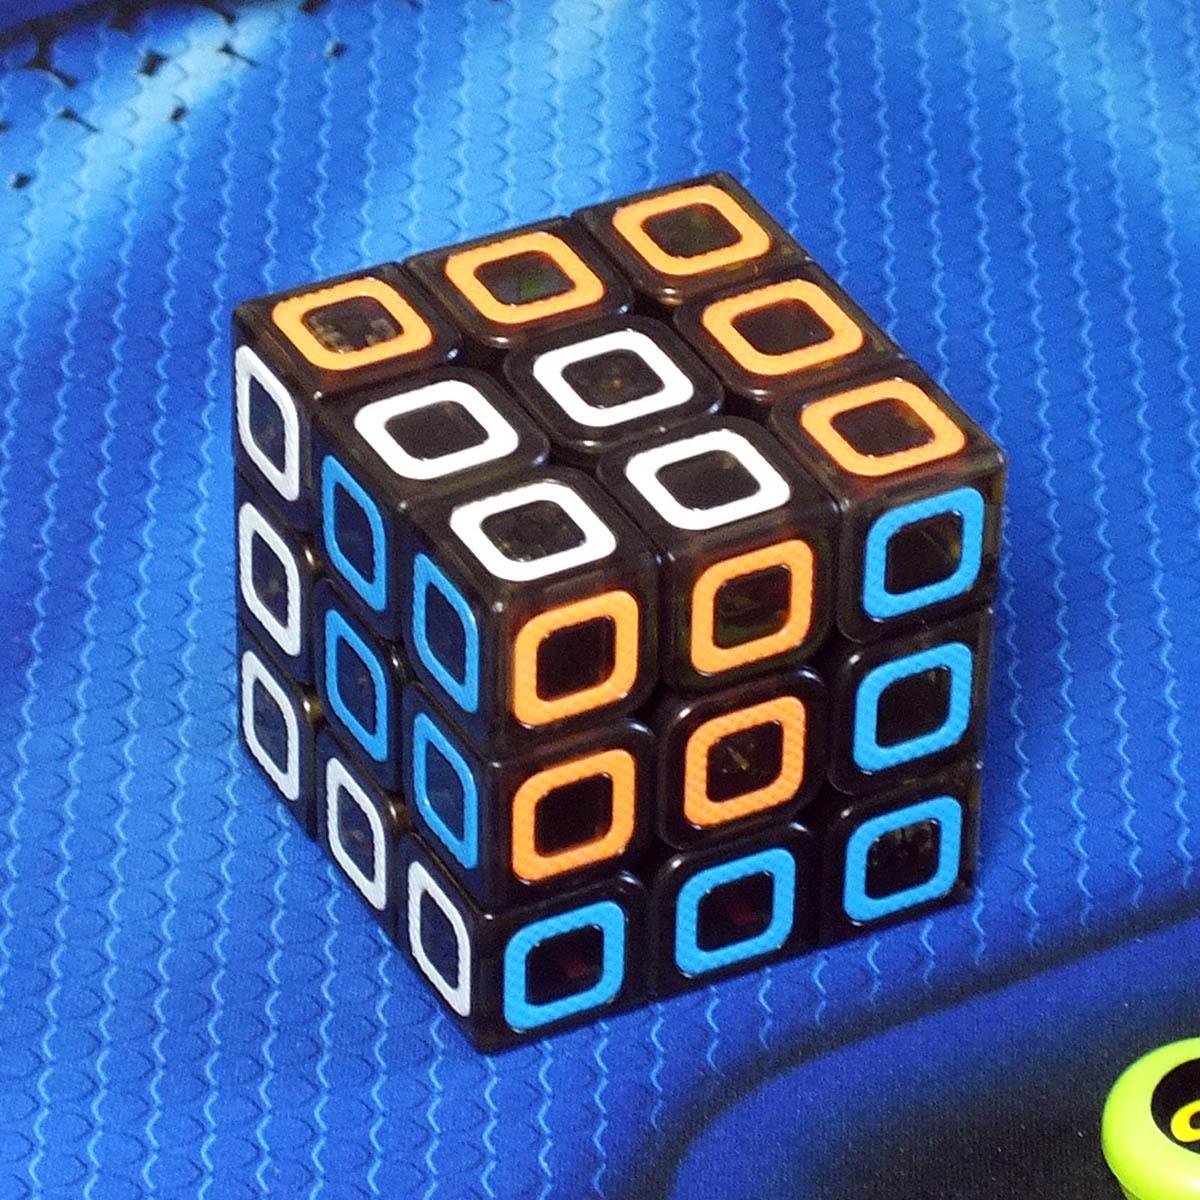 Mo Fang Ge Ciyuan 3x3 black